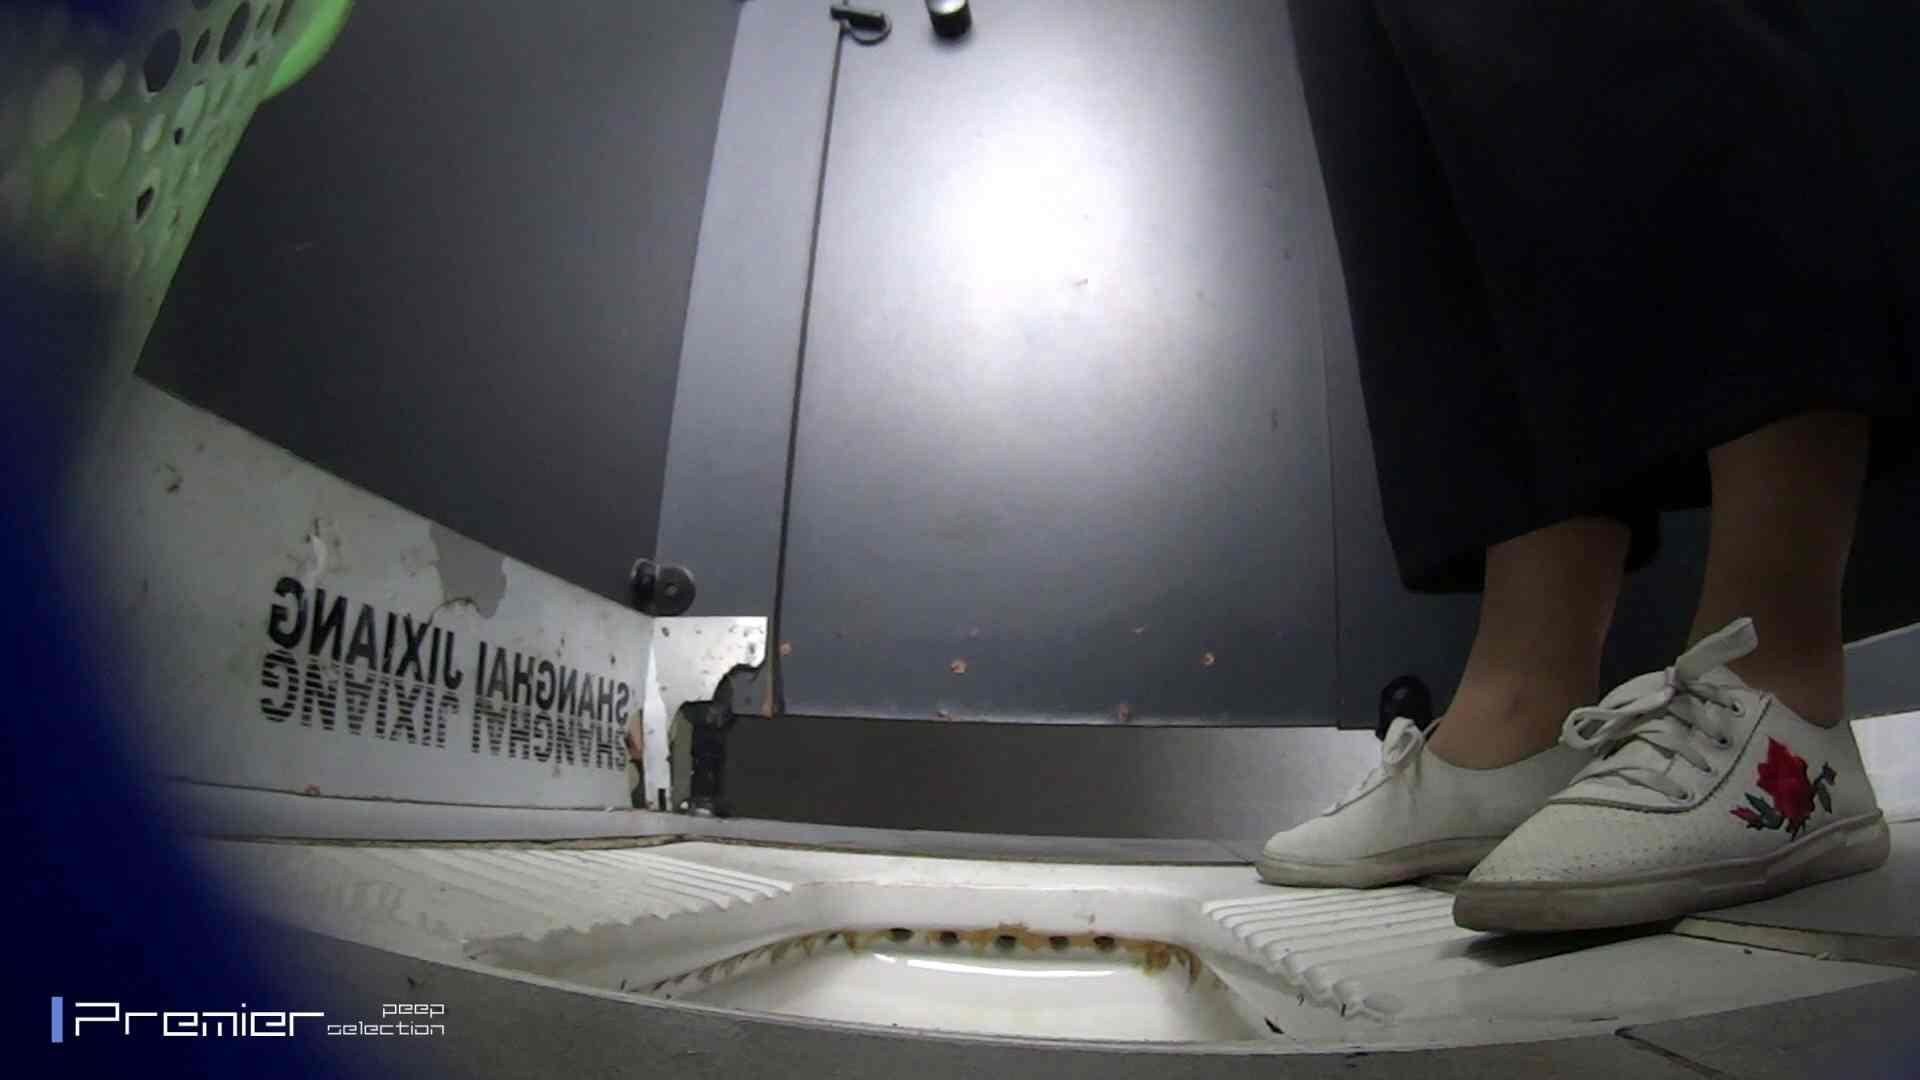 ポチャが多めの洗面所 大学休憩時間の洗面所事情45 ポチャ 盗撮おめこ無修正動画無料 105pic 59